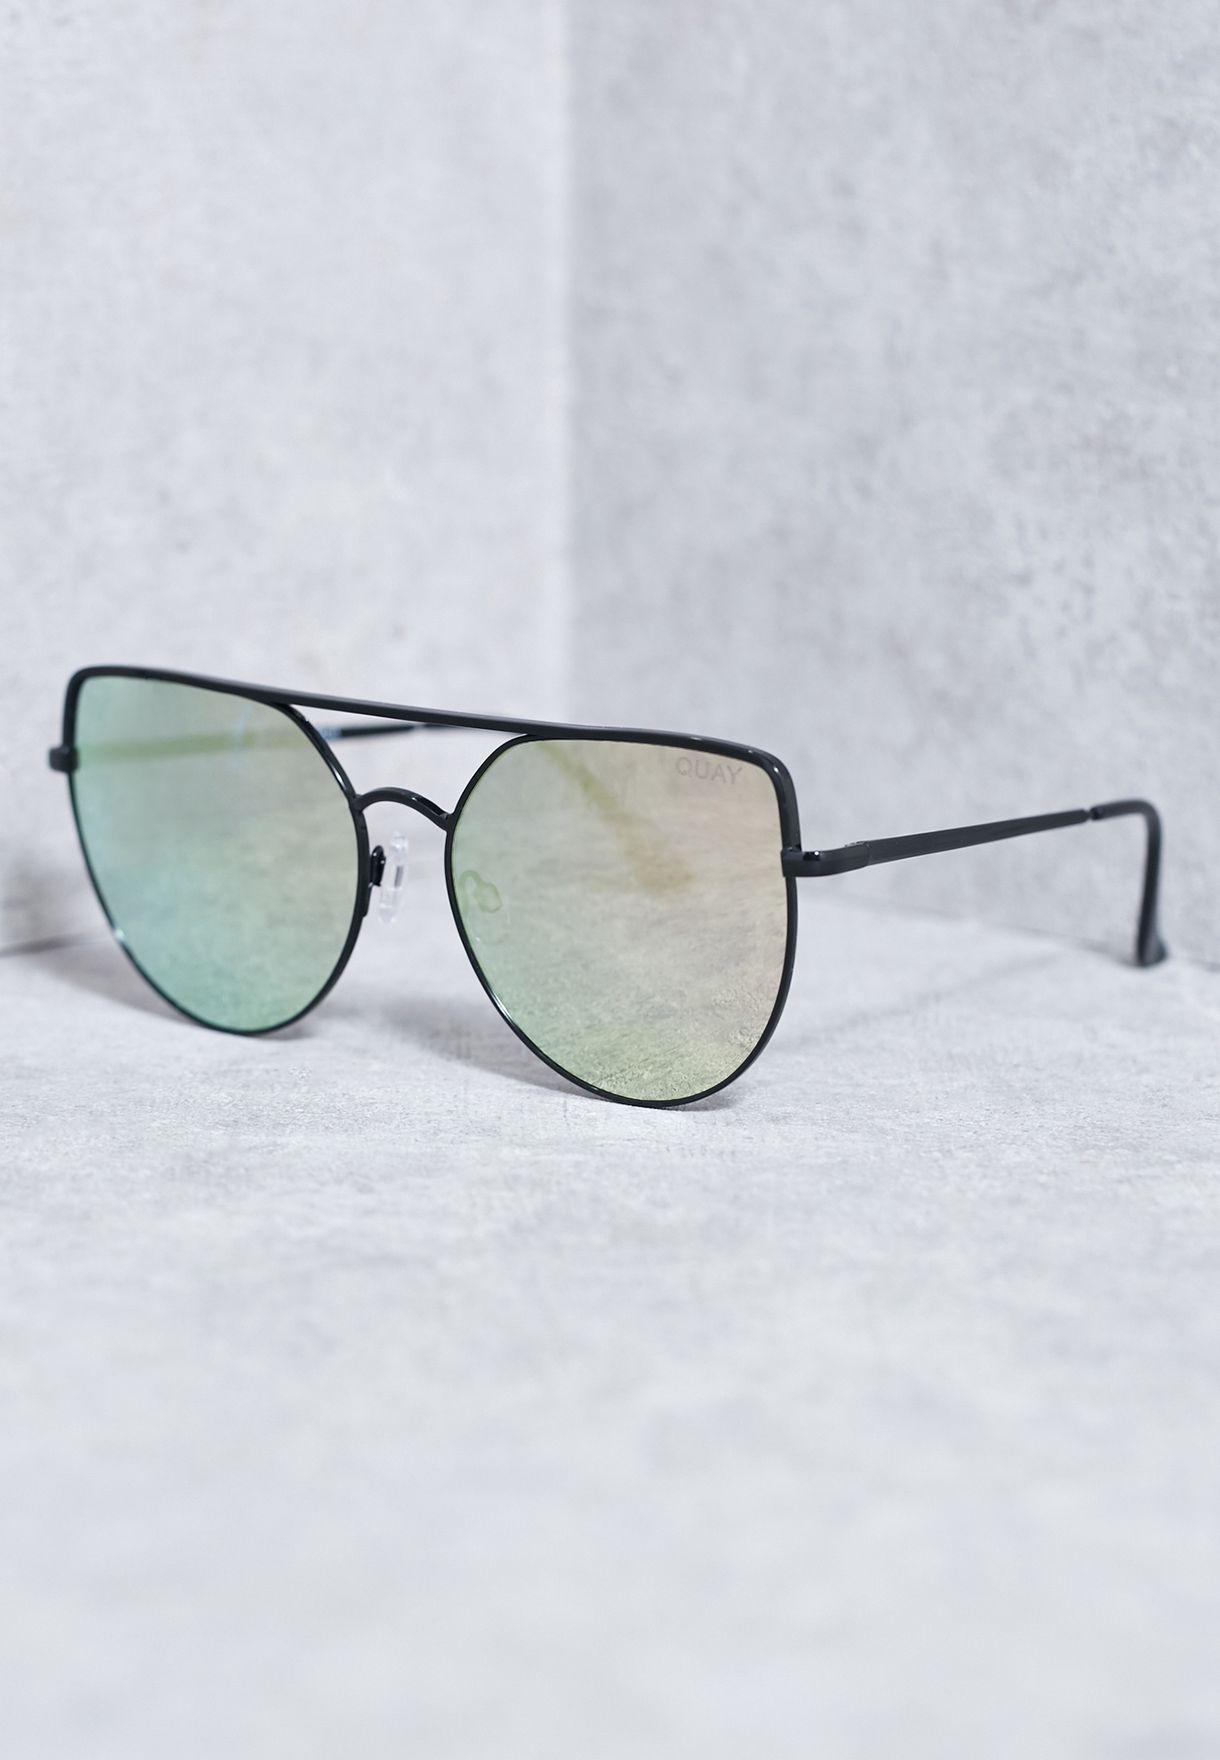 57489d9626b71 Shop Quay Australia black Santa Fe Sunglasses QW-000181-BLK RED for ...